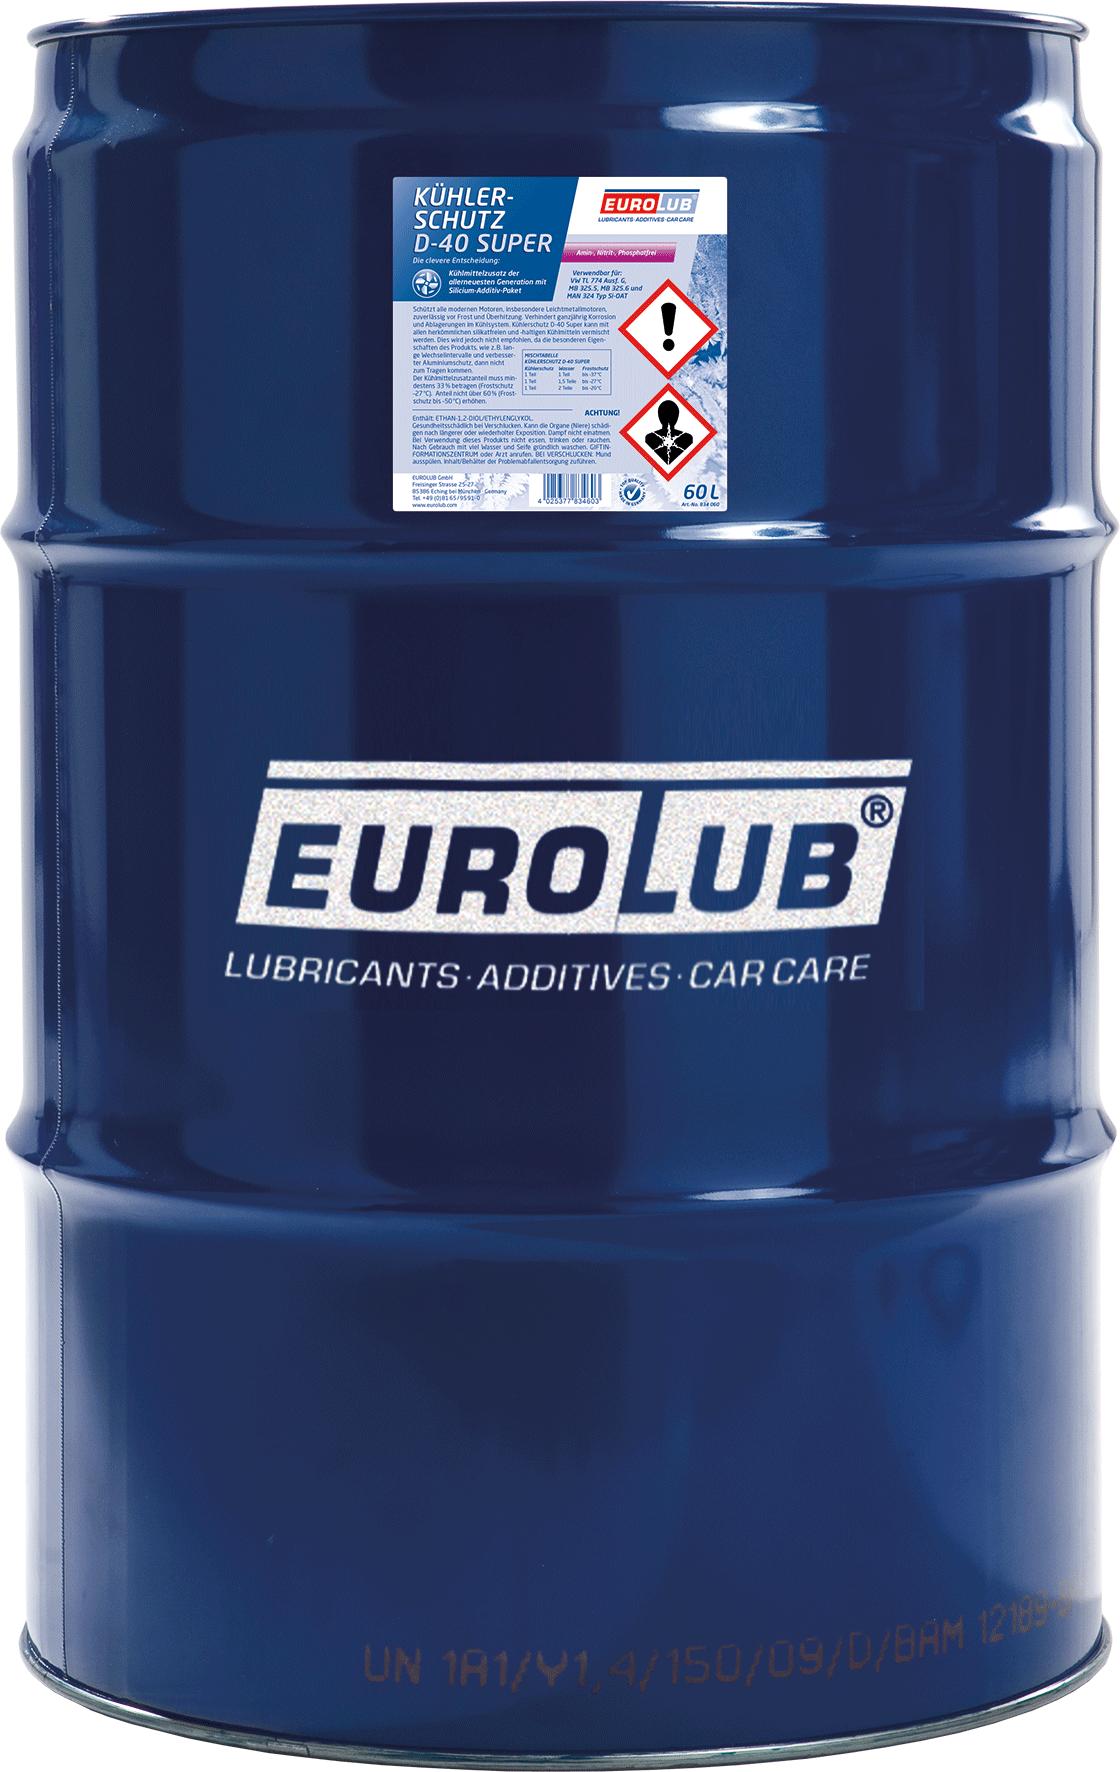 EUROLUB Kuhlerschutz  D-40 Super, 60л